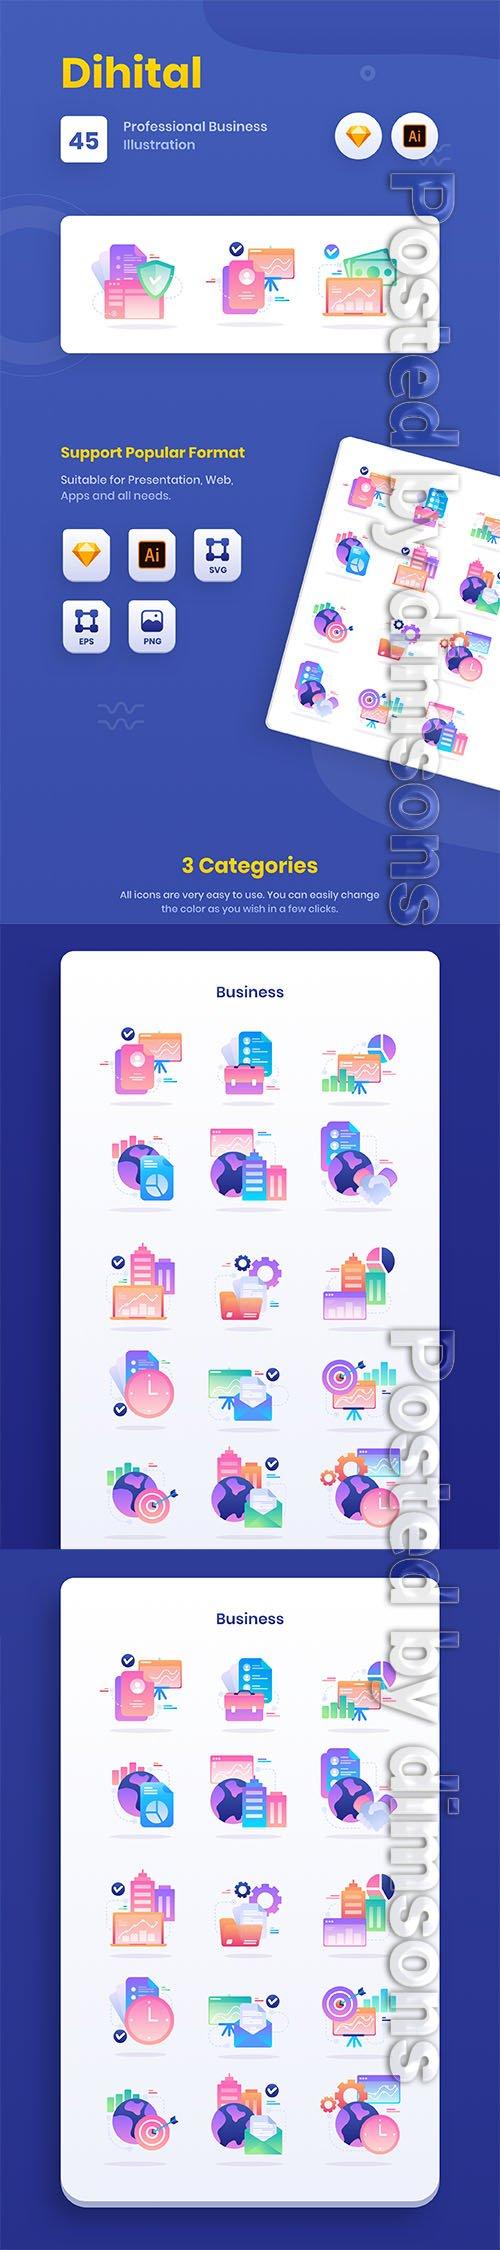 Dihital : Finance Business Data Illustration